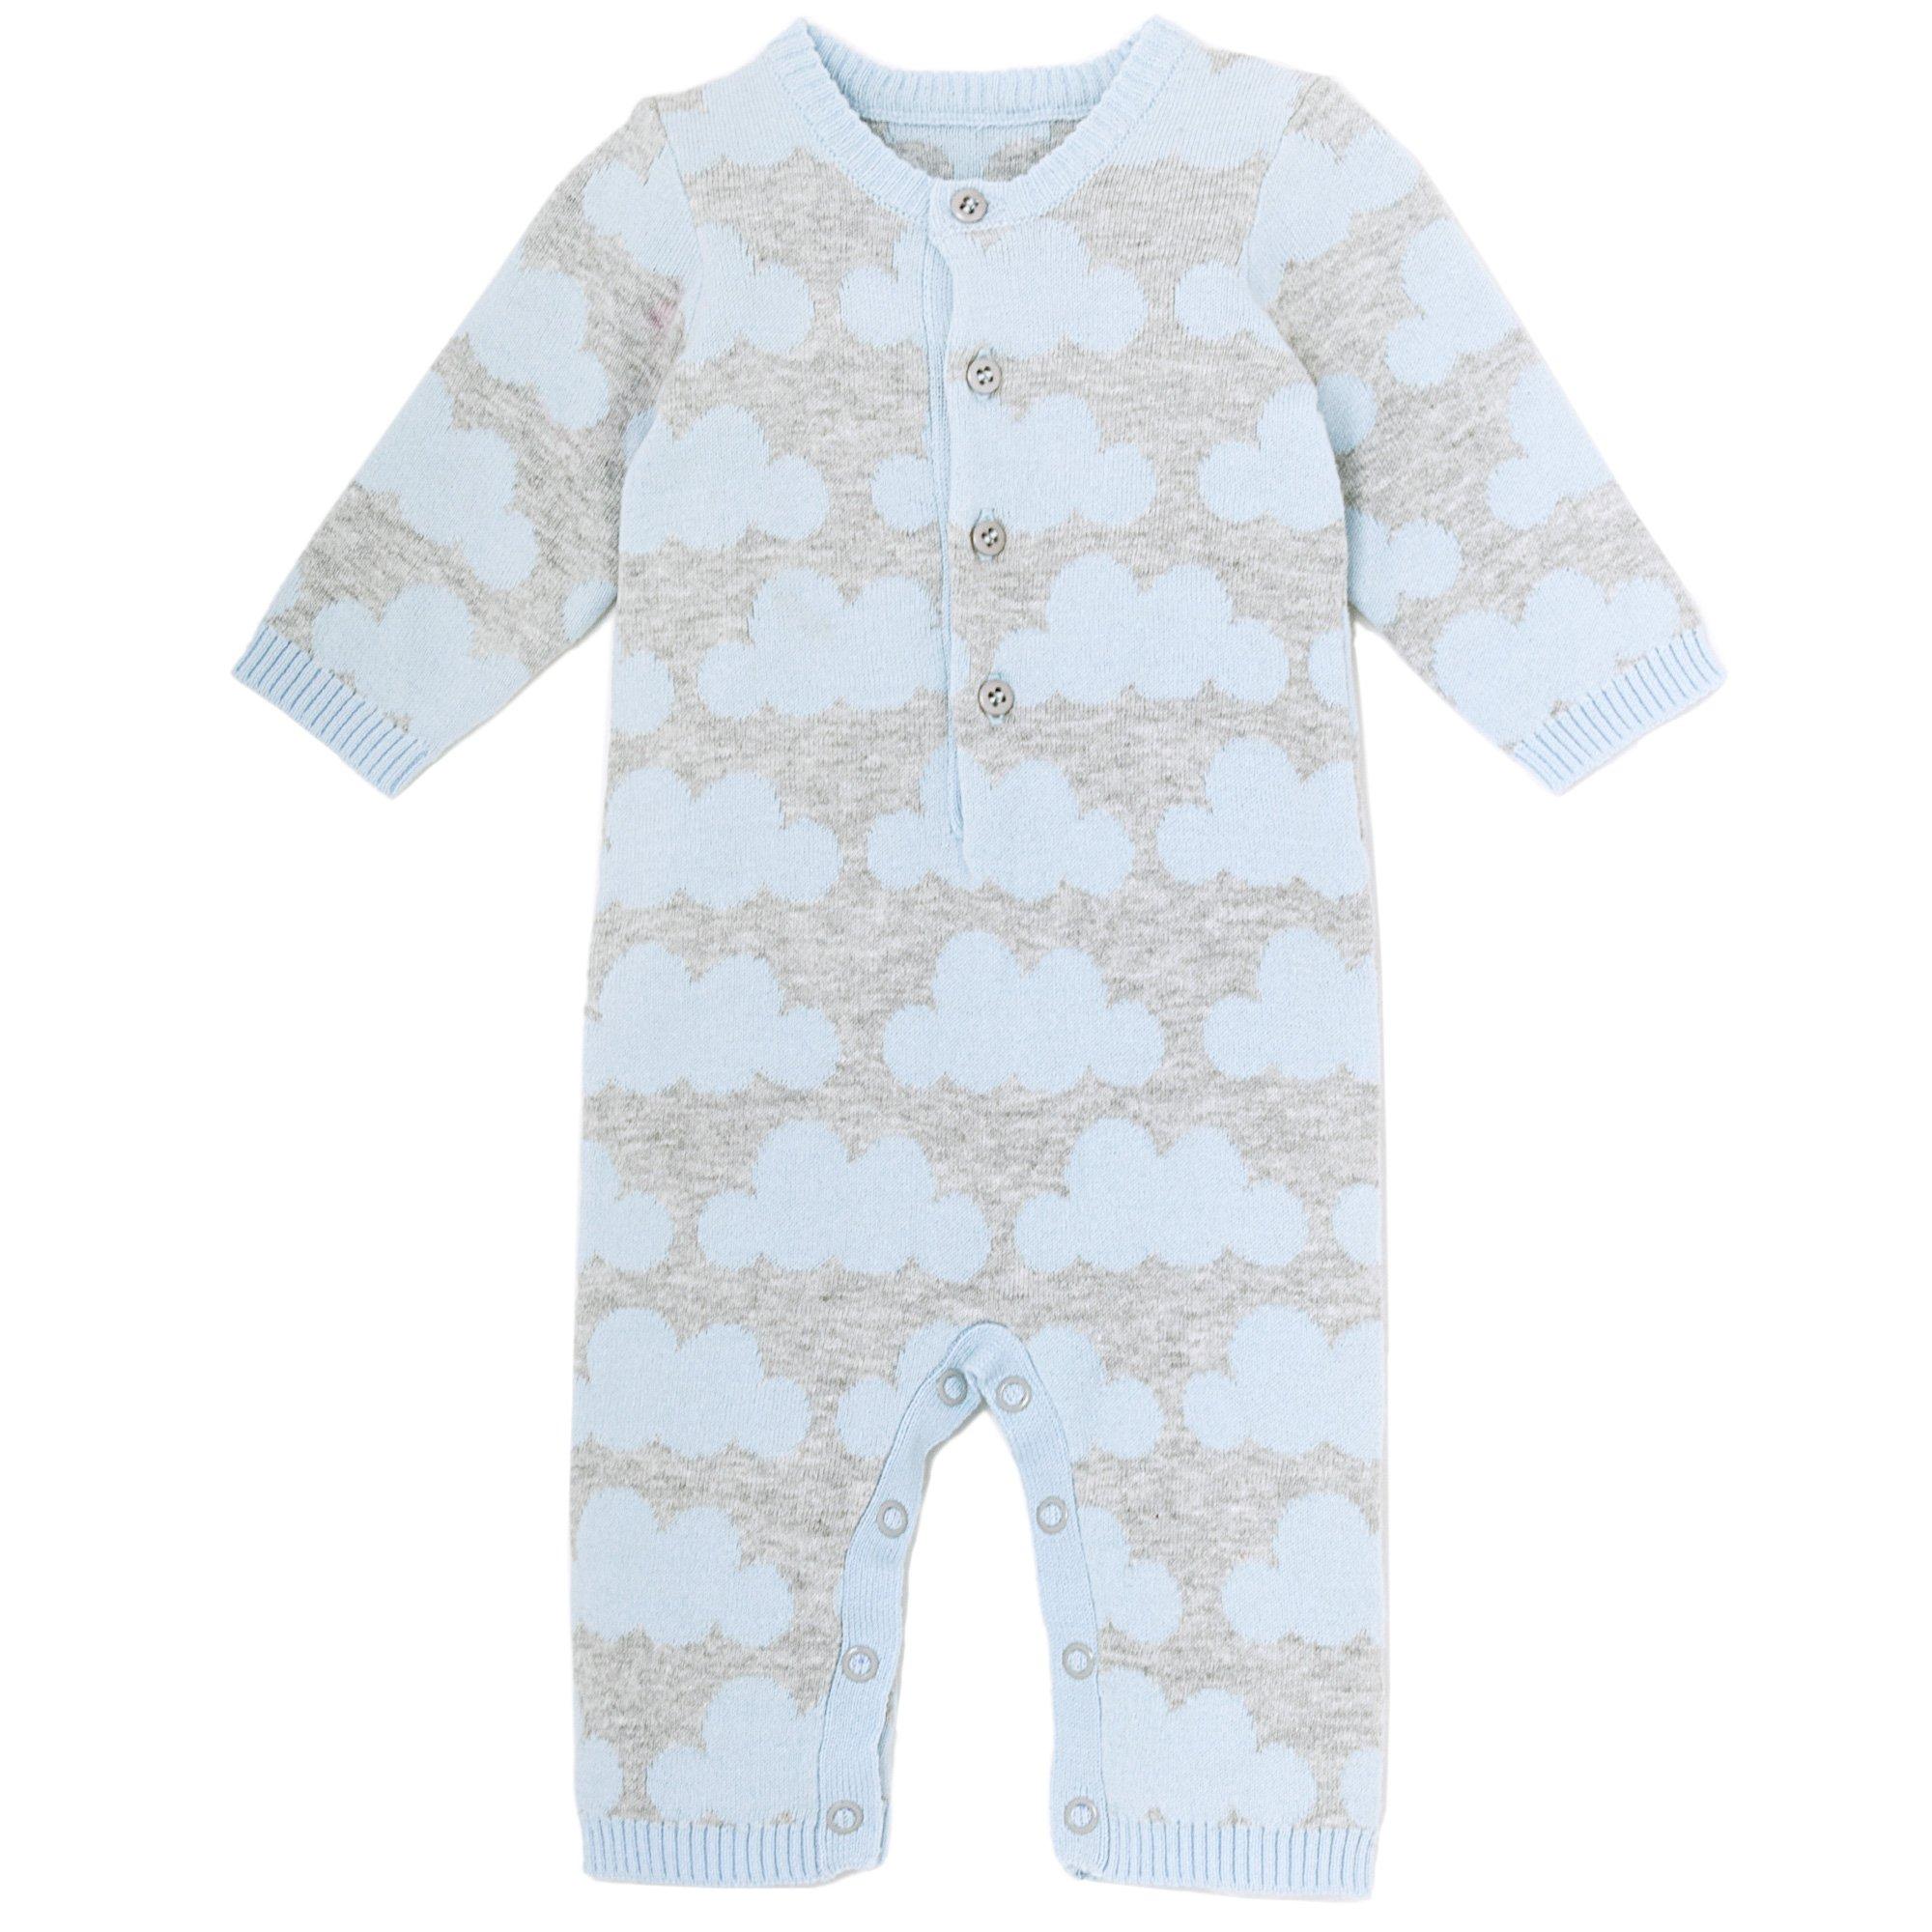 79df14609 Le Top Bébé Cloud Nine Knit Romper for Newborn and Baby Boys